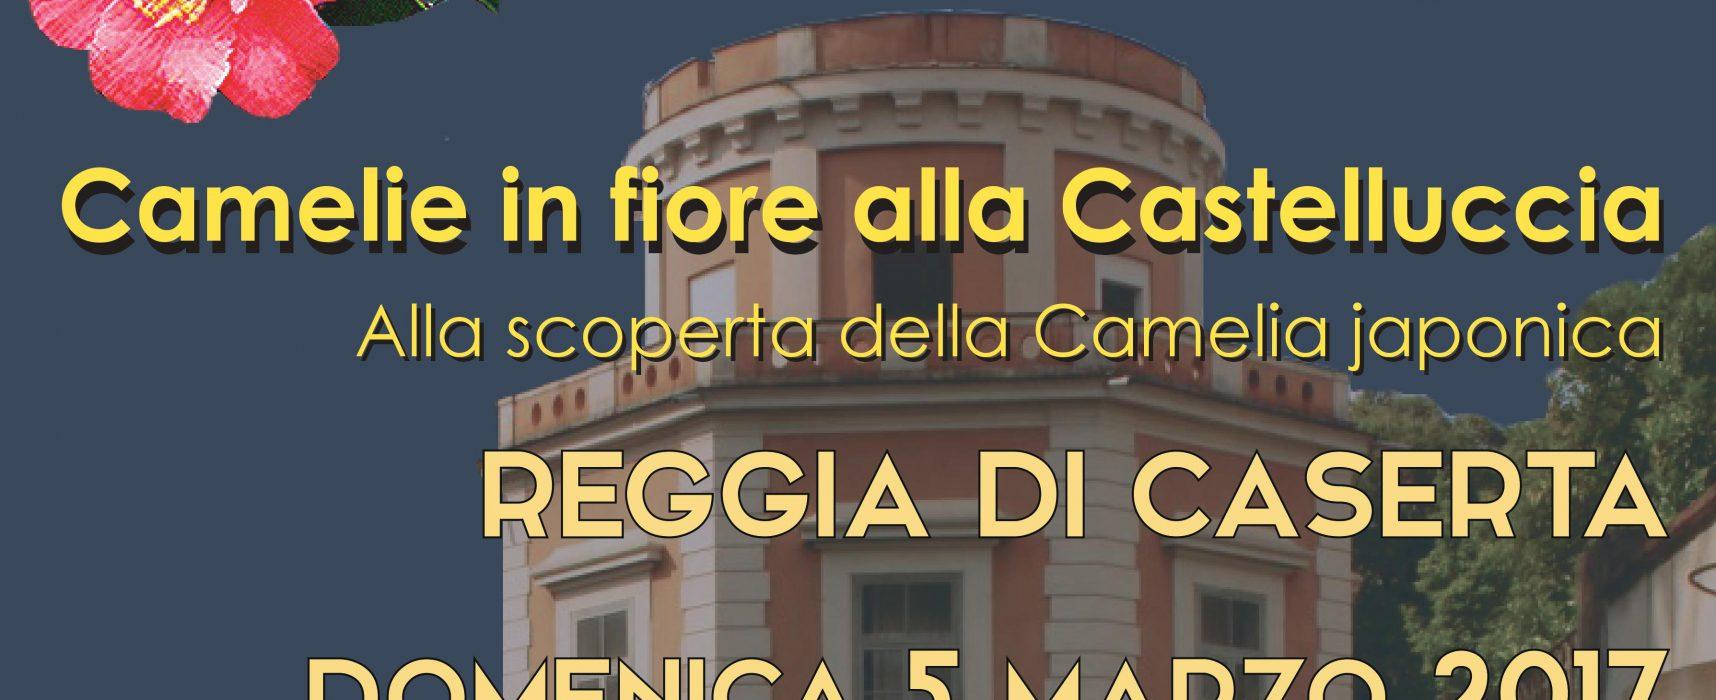 Reggia Caserta, camelie in fiore